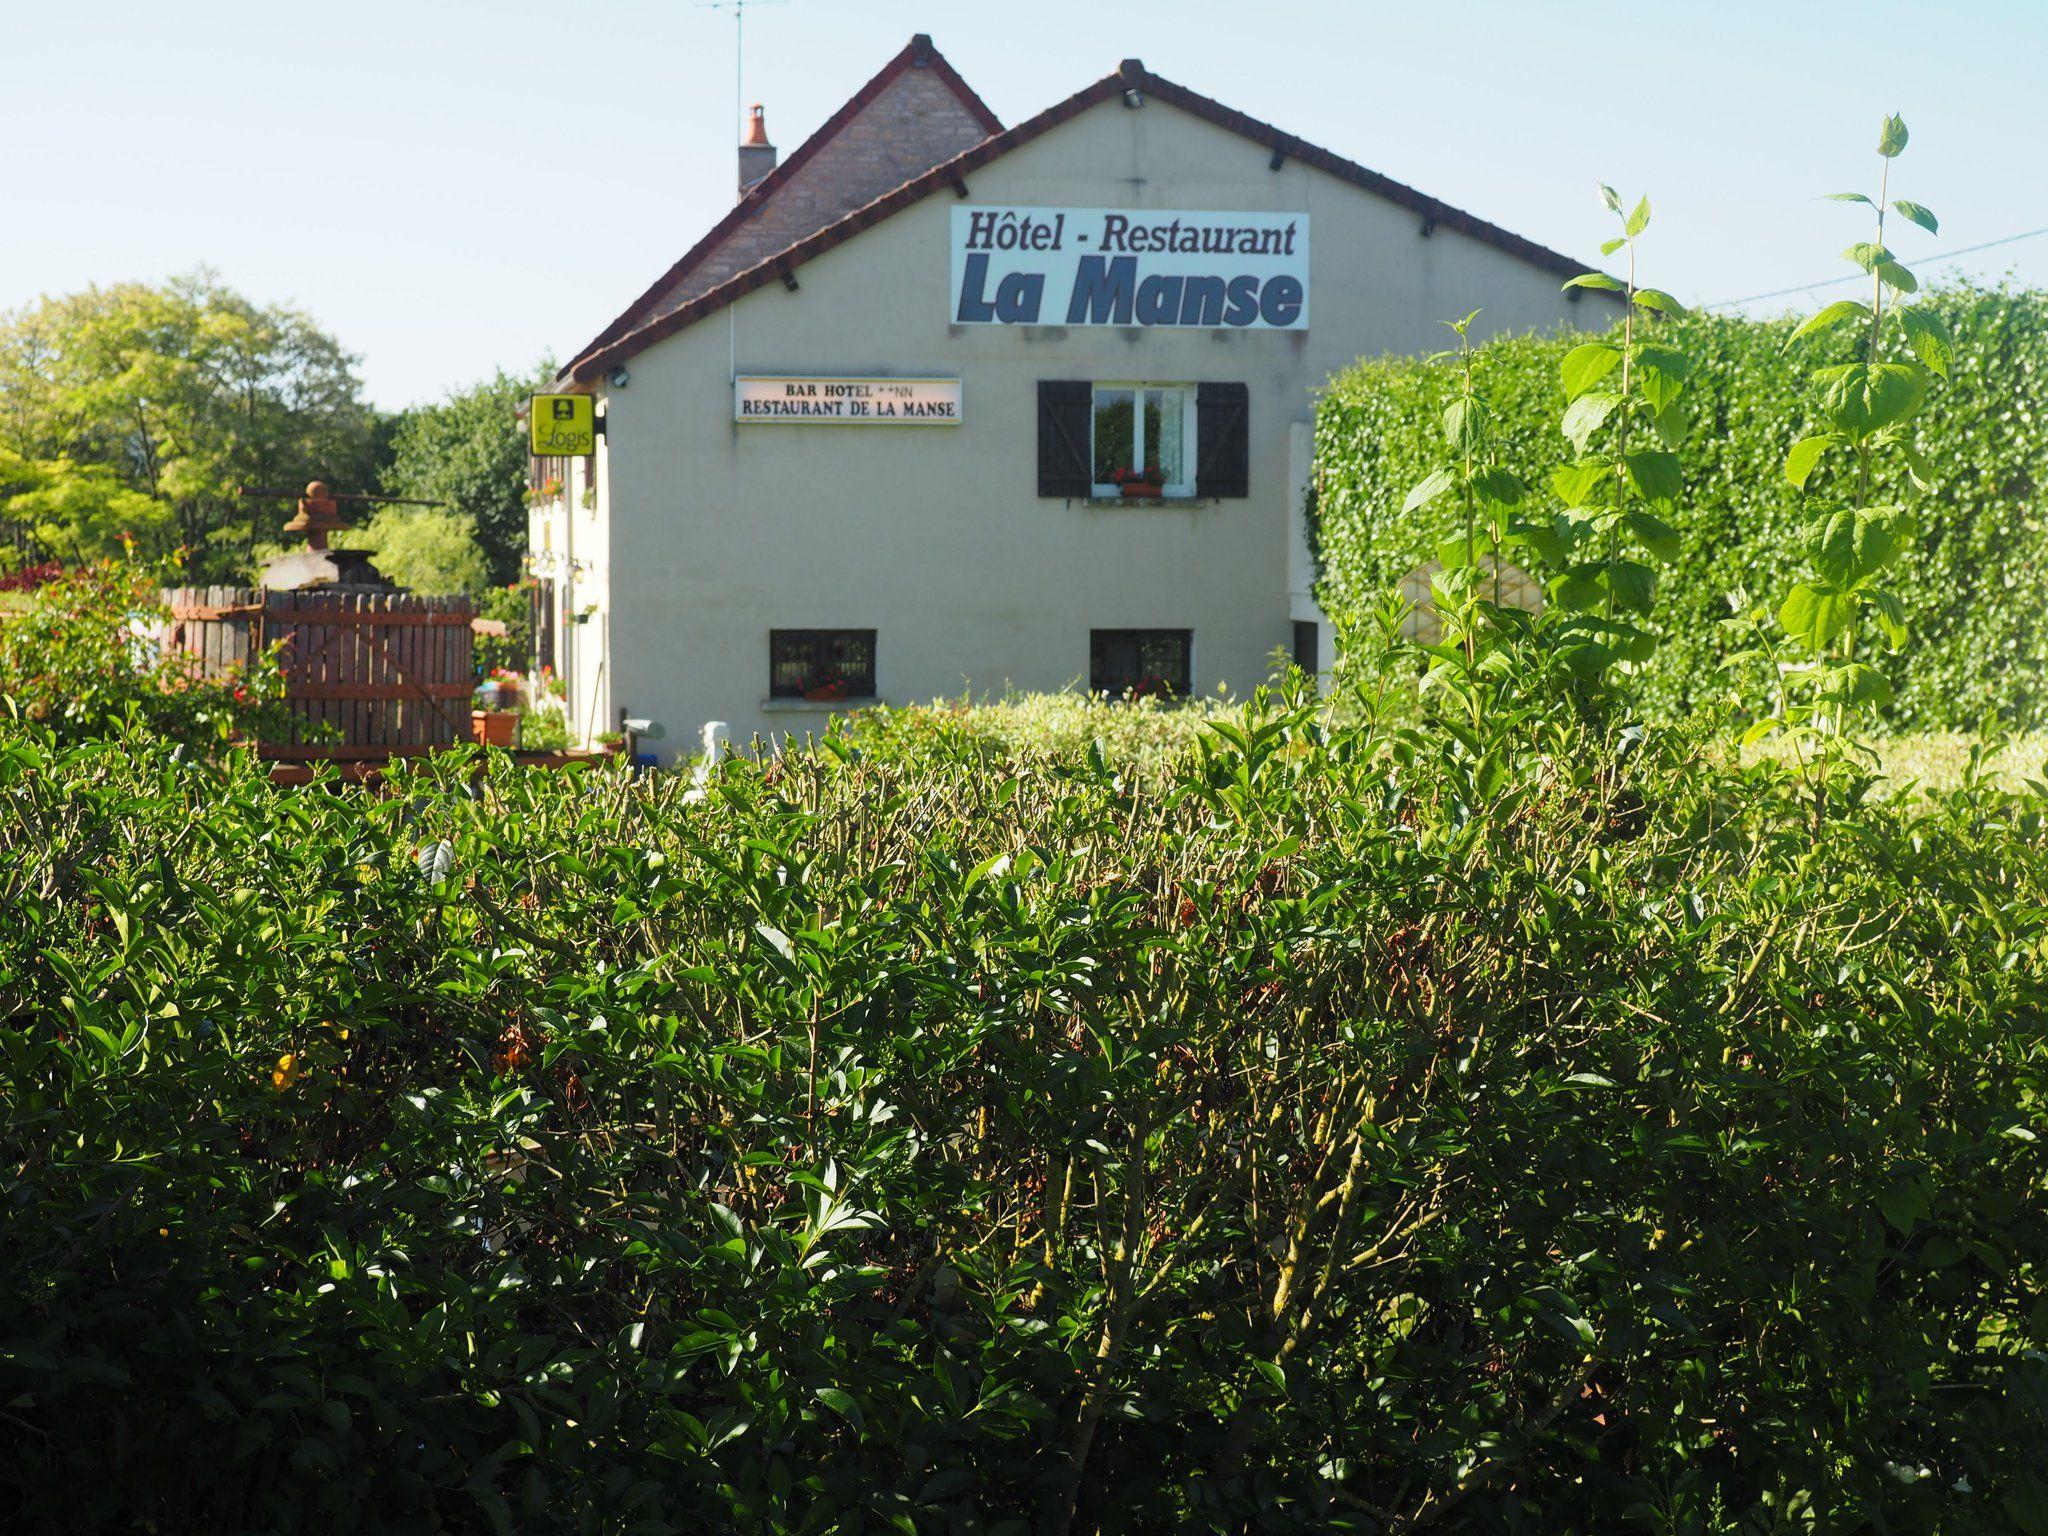 Hôtel Restaurant La Manse